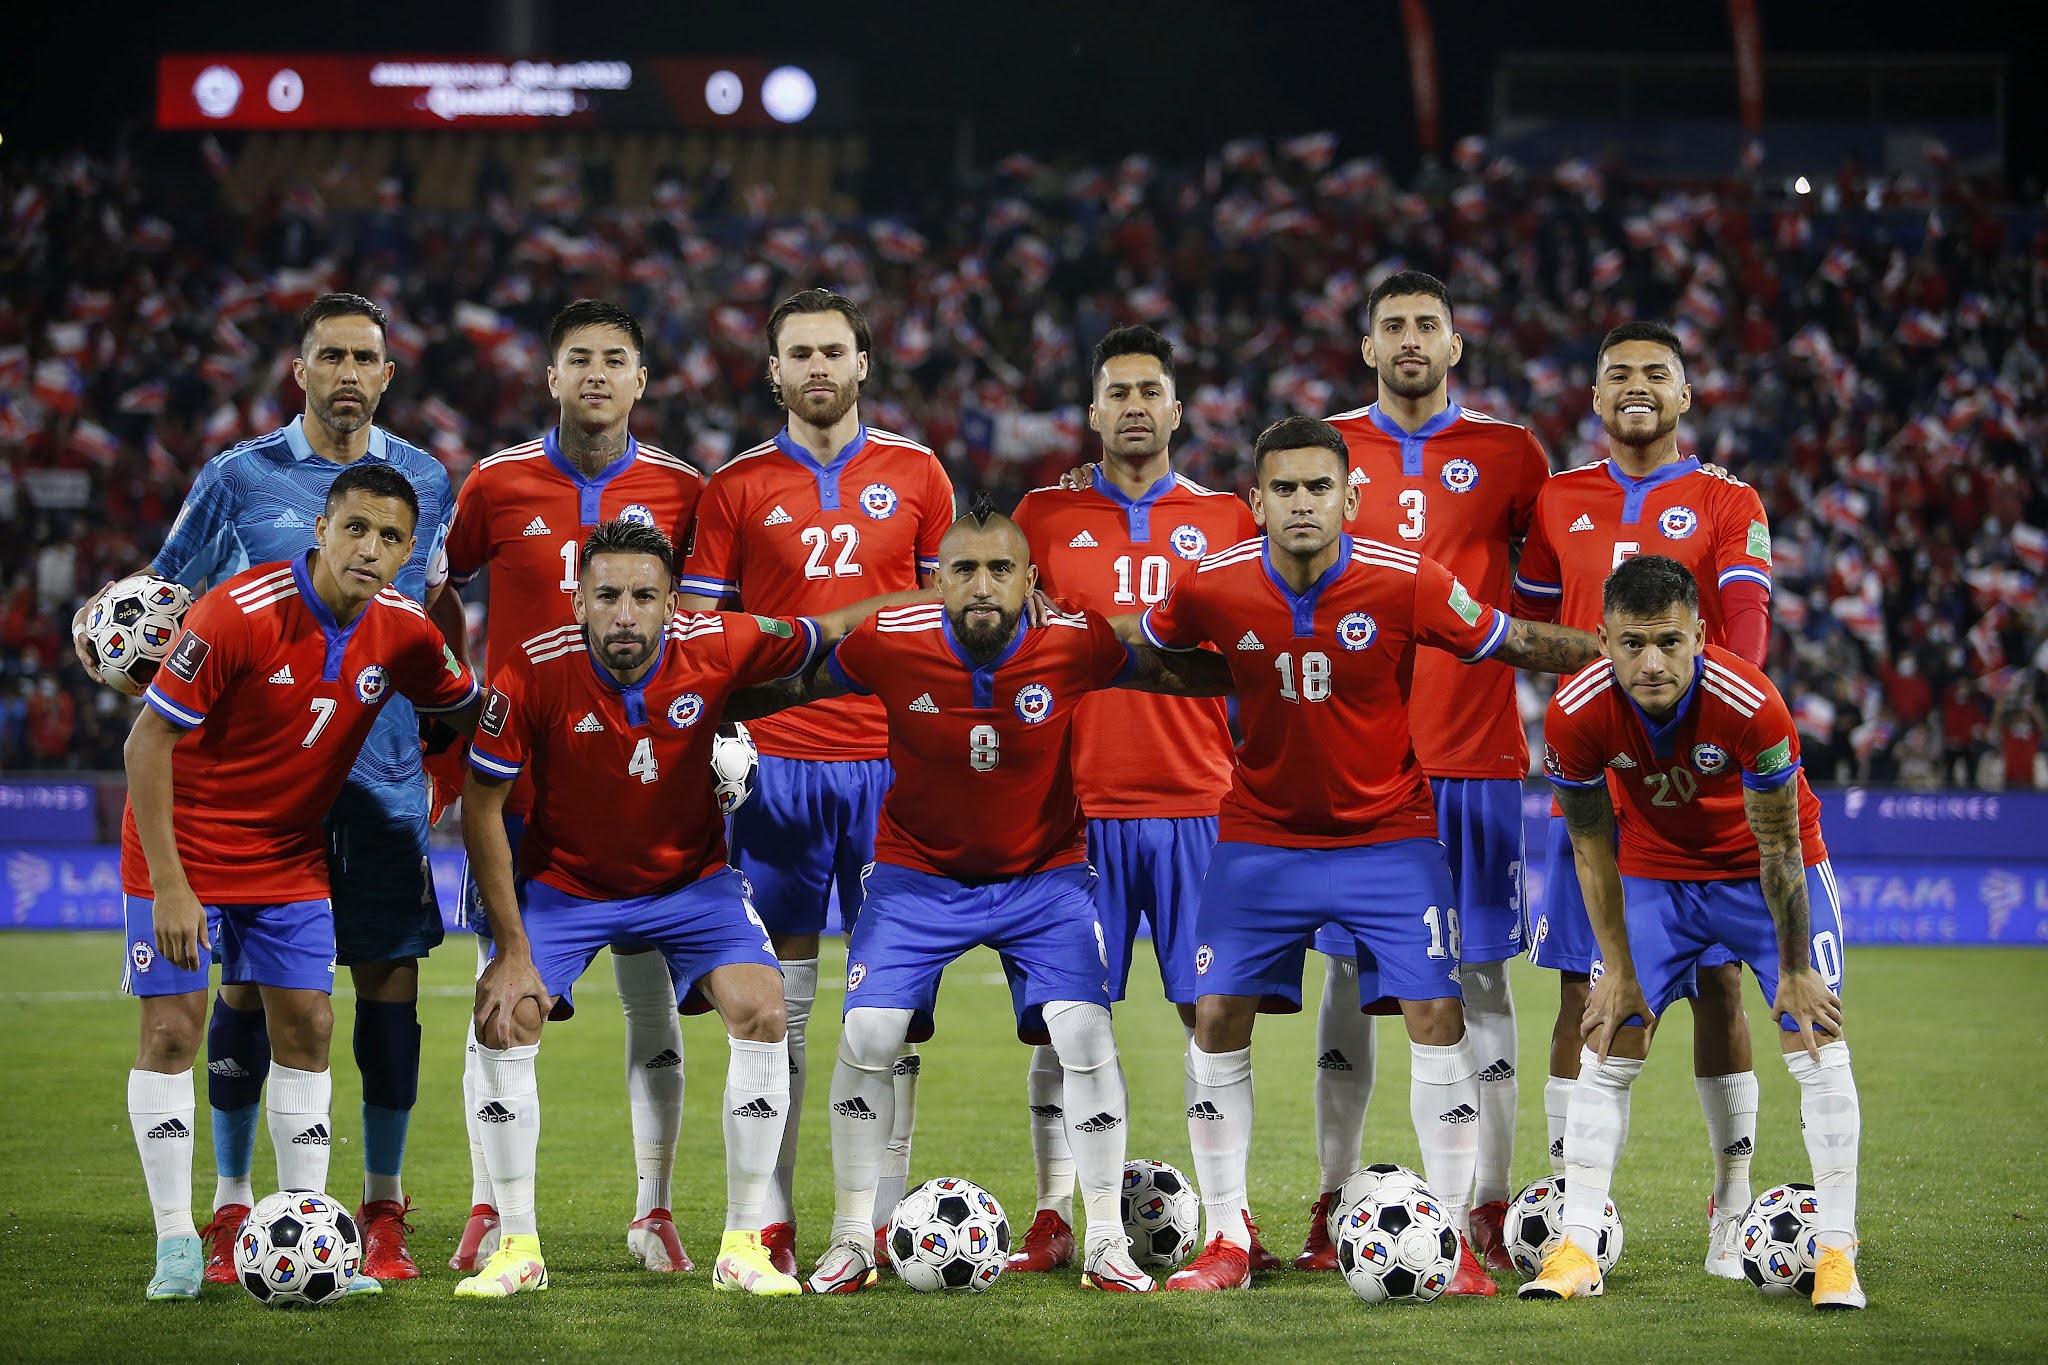 Formación de Chile ante Paraguay, Clasificatorias Catar 2022, 10 de octubre de 2021